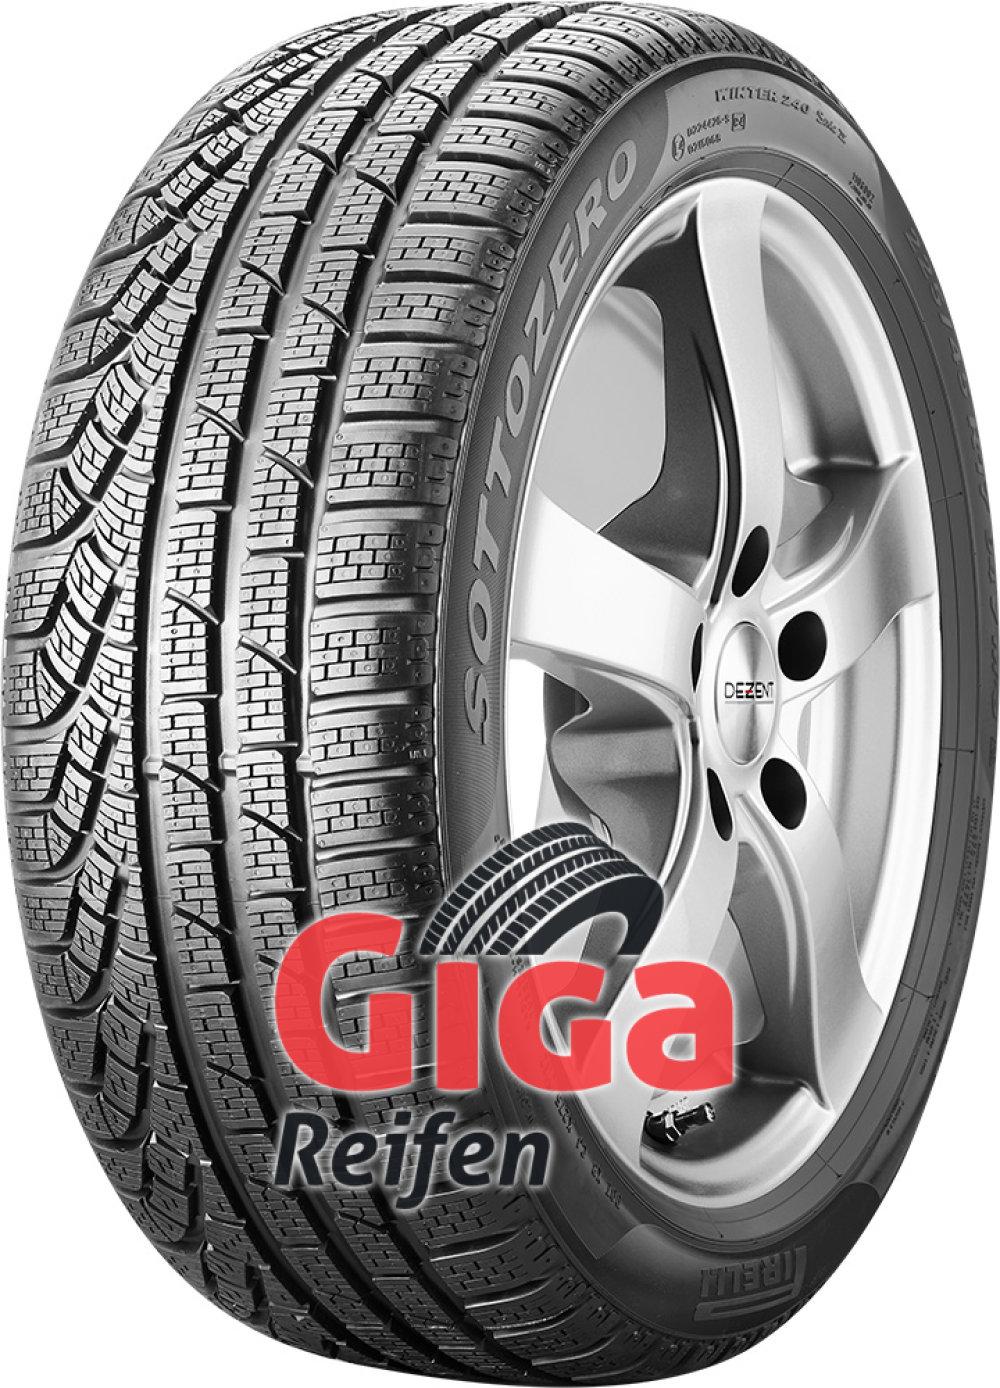 Pirelli W 240 SottoZero S2 ( 255/40 R18 99V XL MO, mit Felgenschutz (MFS) )